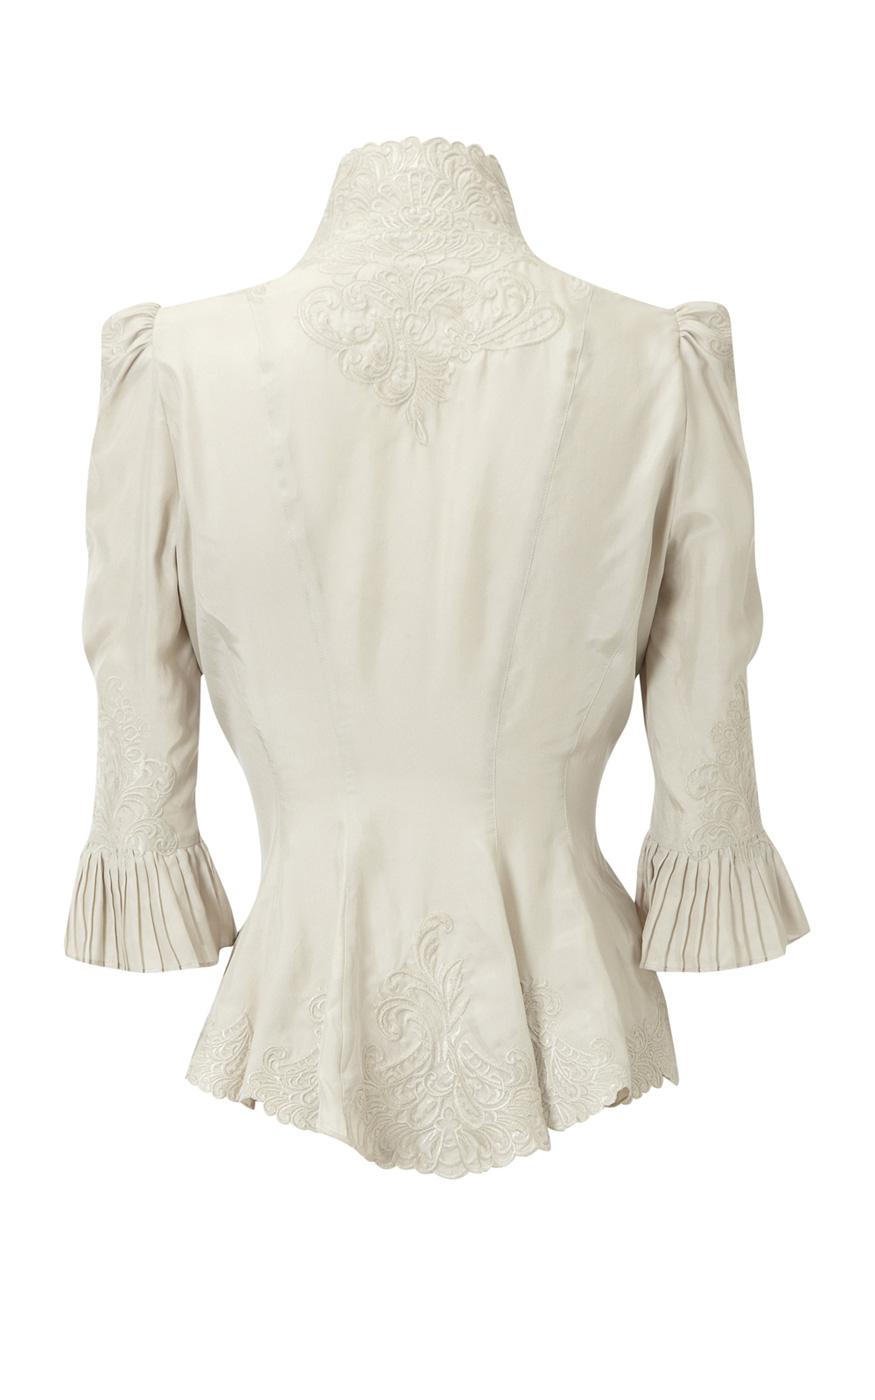 Karen Millen Lace Print Blouse 7